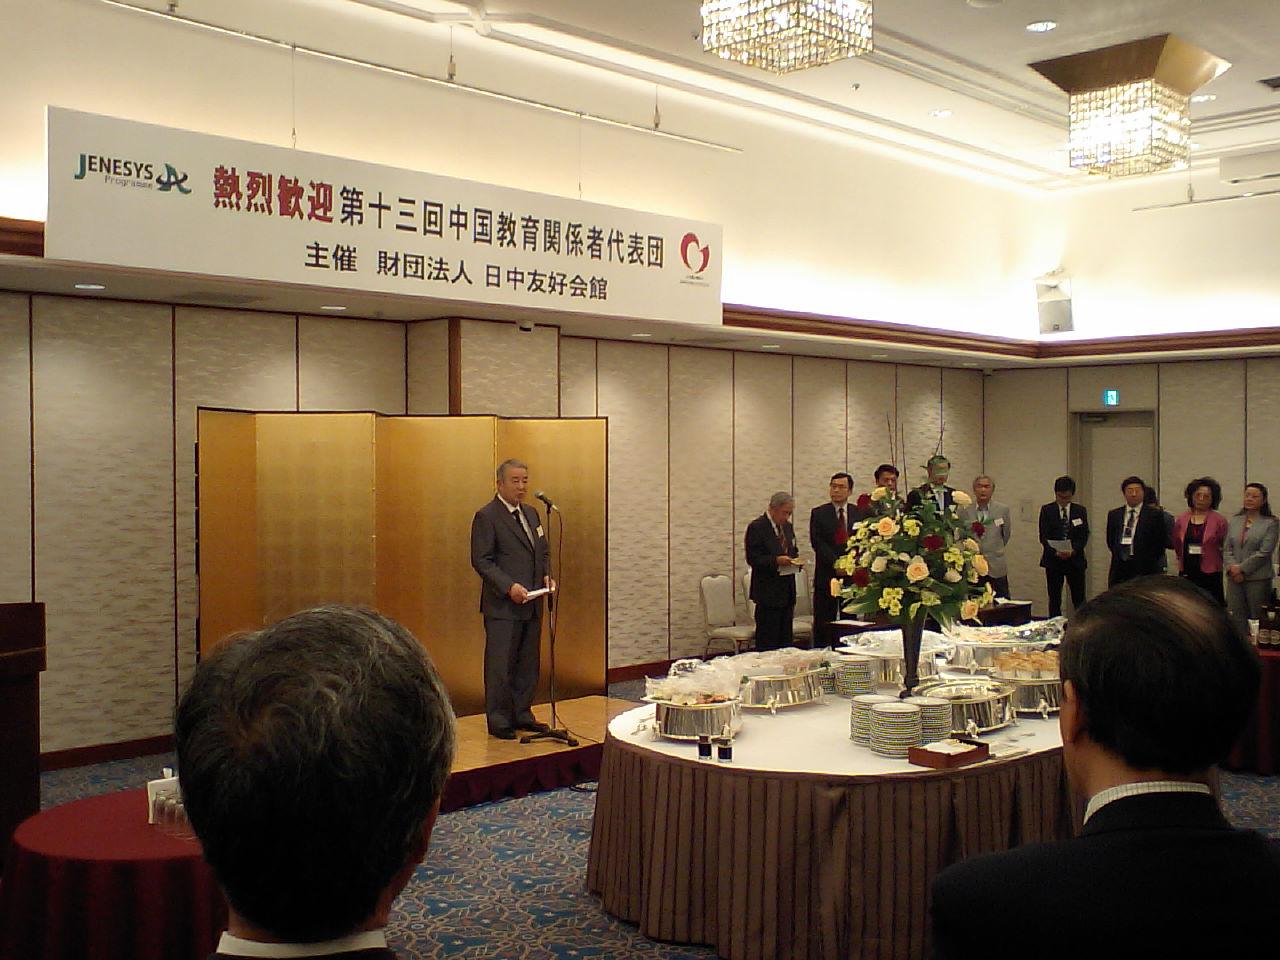 中国教師訪日歓迎会 東京で開催 日中友好会館主催_d0027795_18214660.jpg